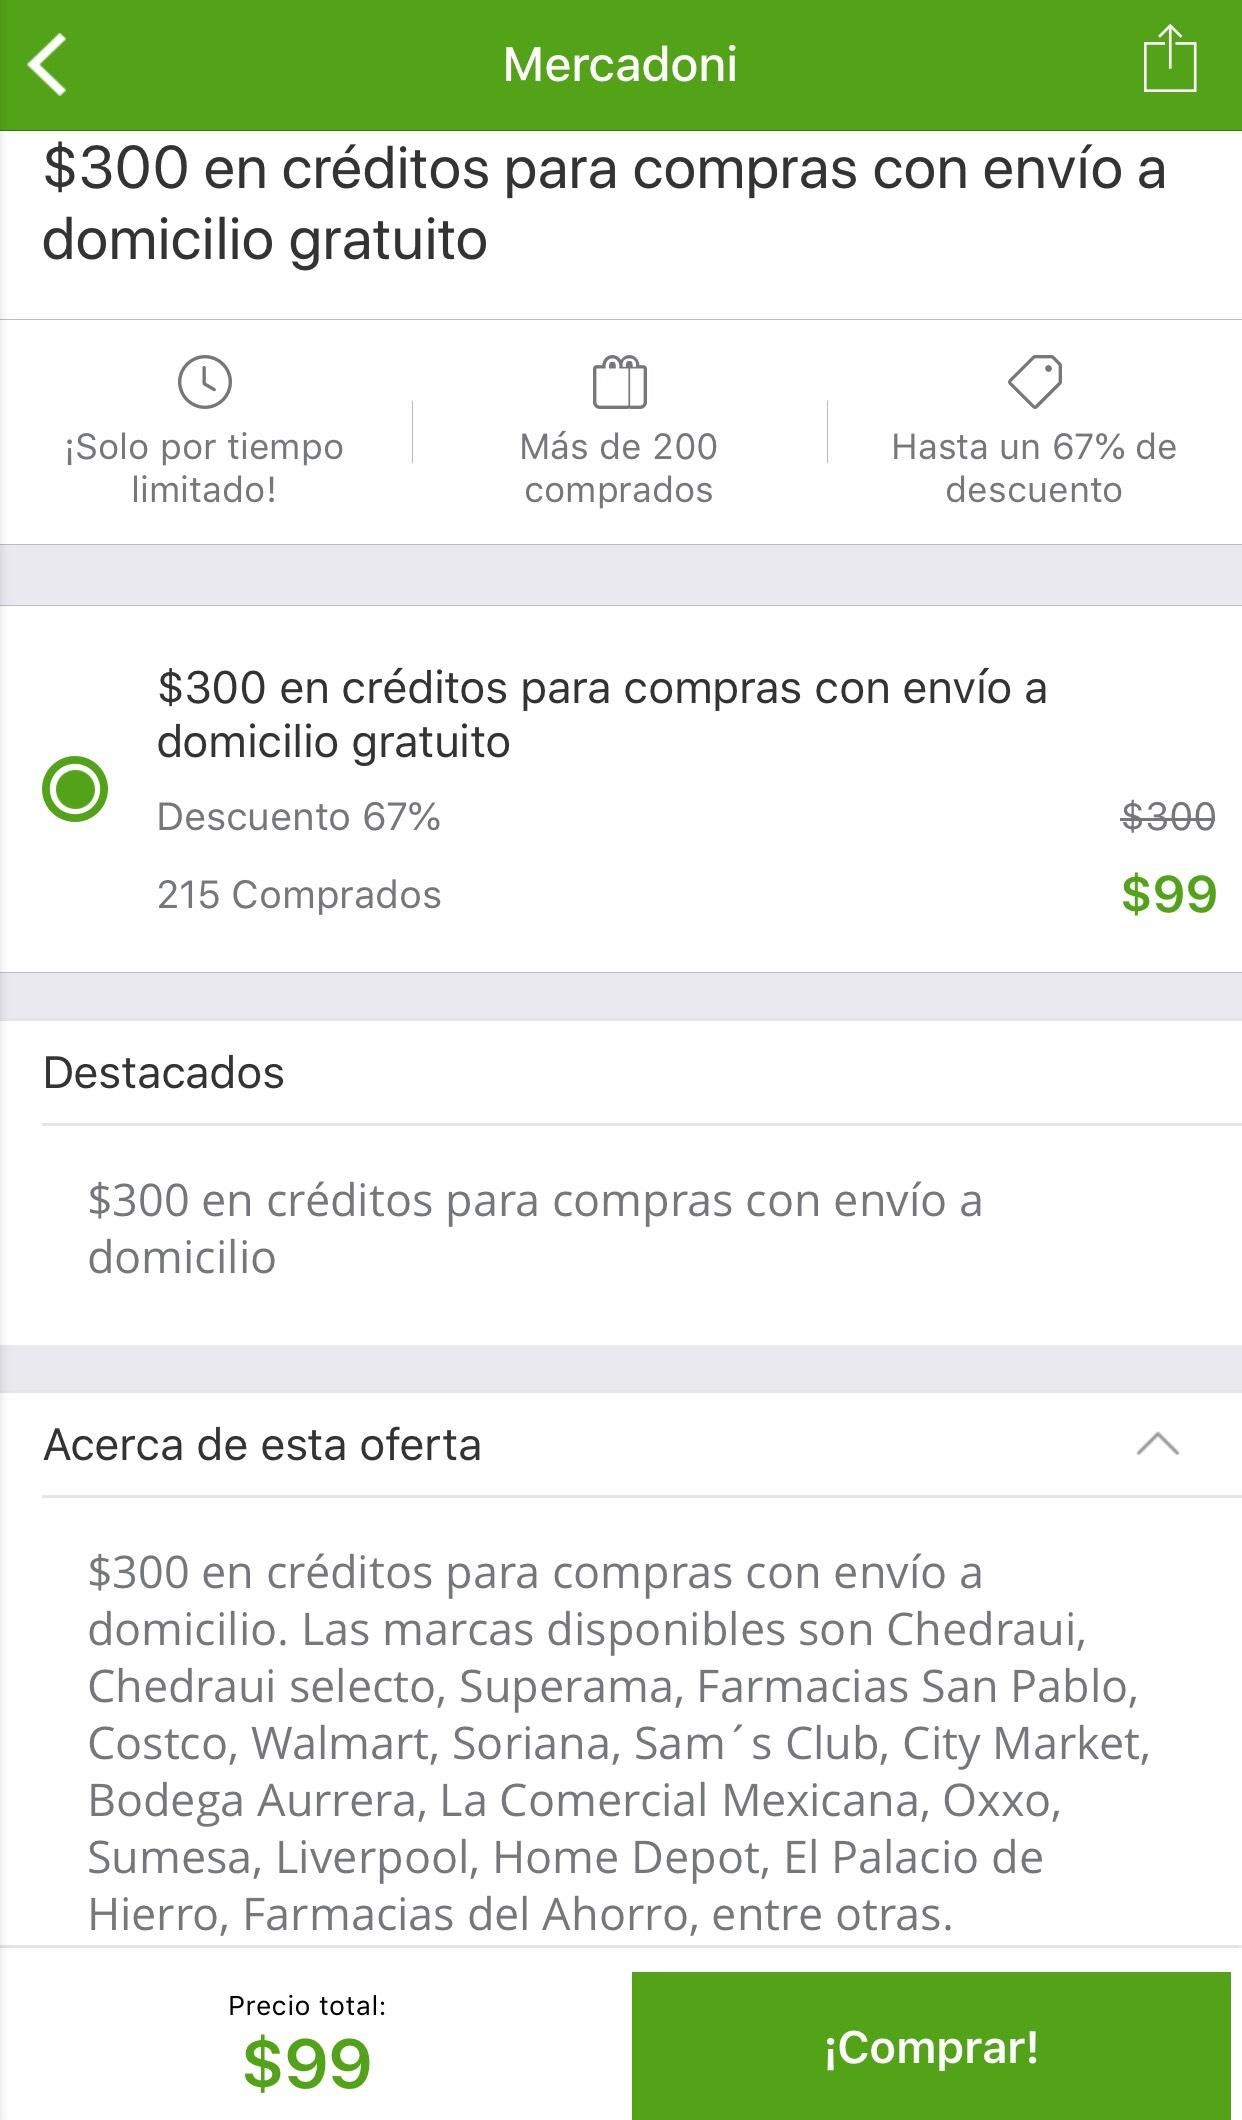 Groupon: Compra $300 pesos en $99 con Mercadoni (solo para nuevos usuarios)